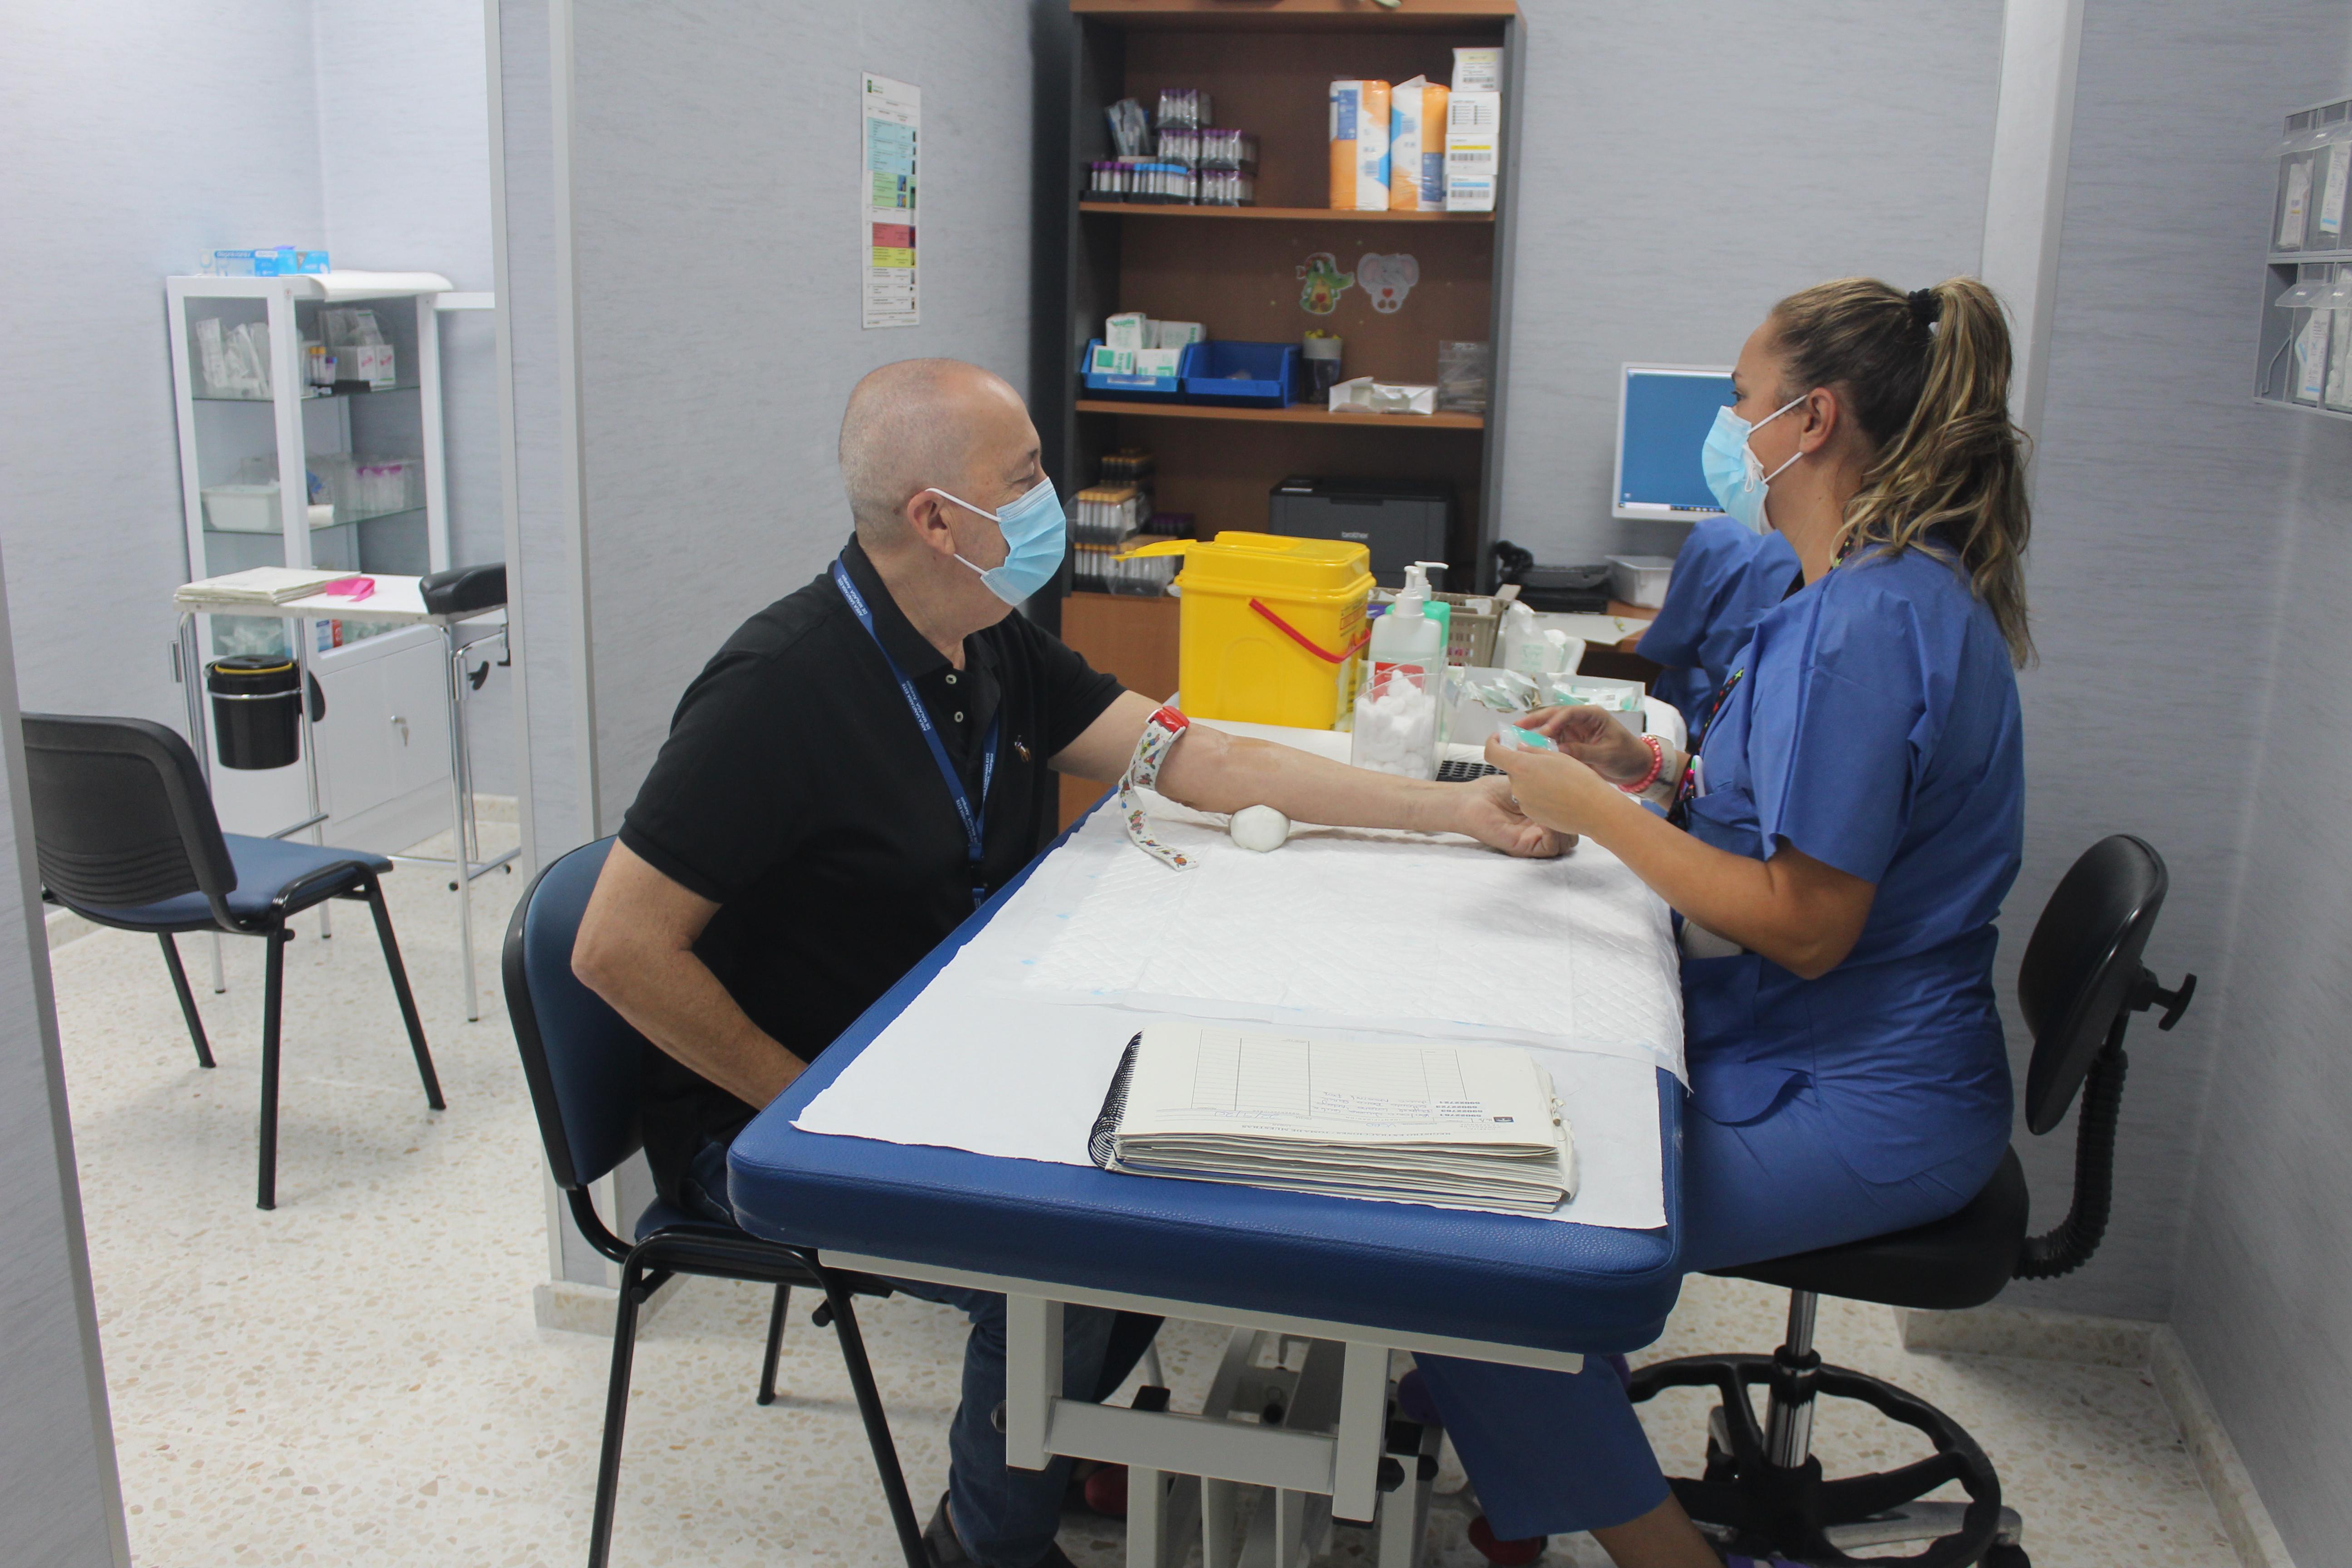 El Hospital de La Axarquía mejora sus espacios asistenciales con la apertura de su nueva sala de extracciones sanguíneas